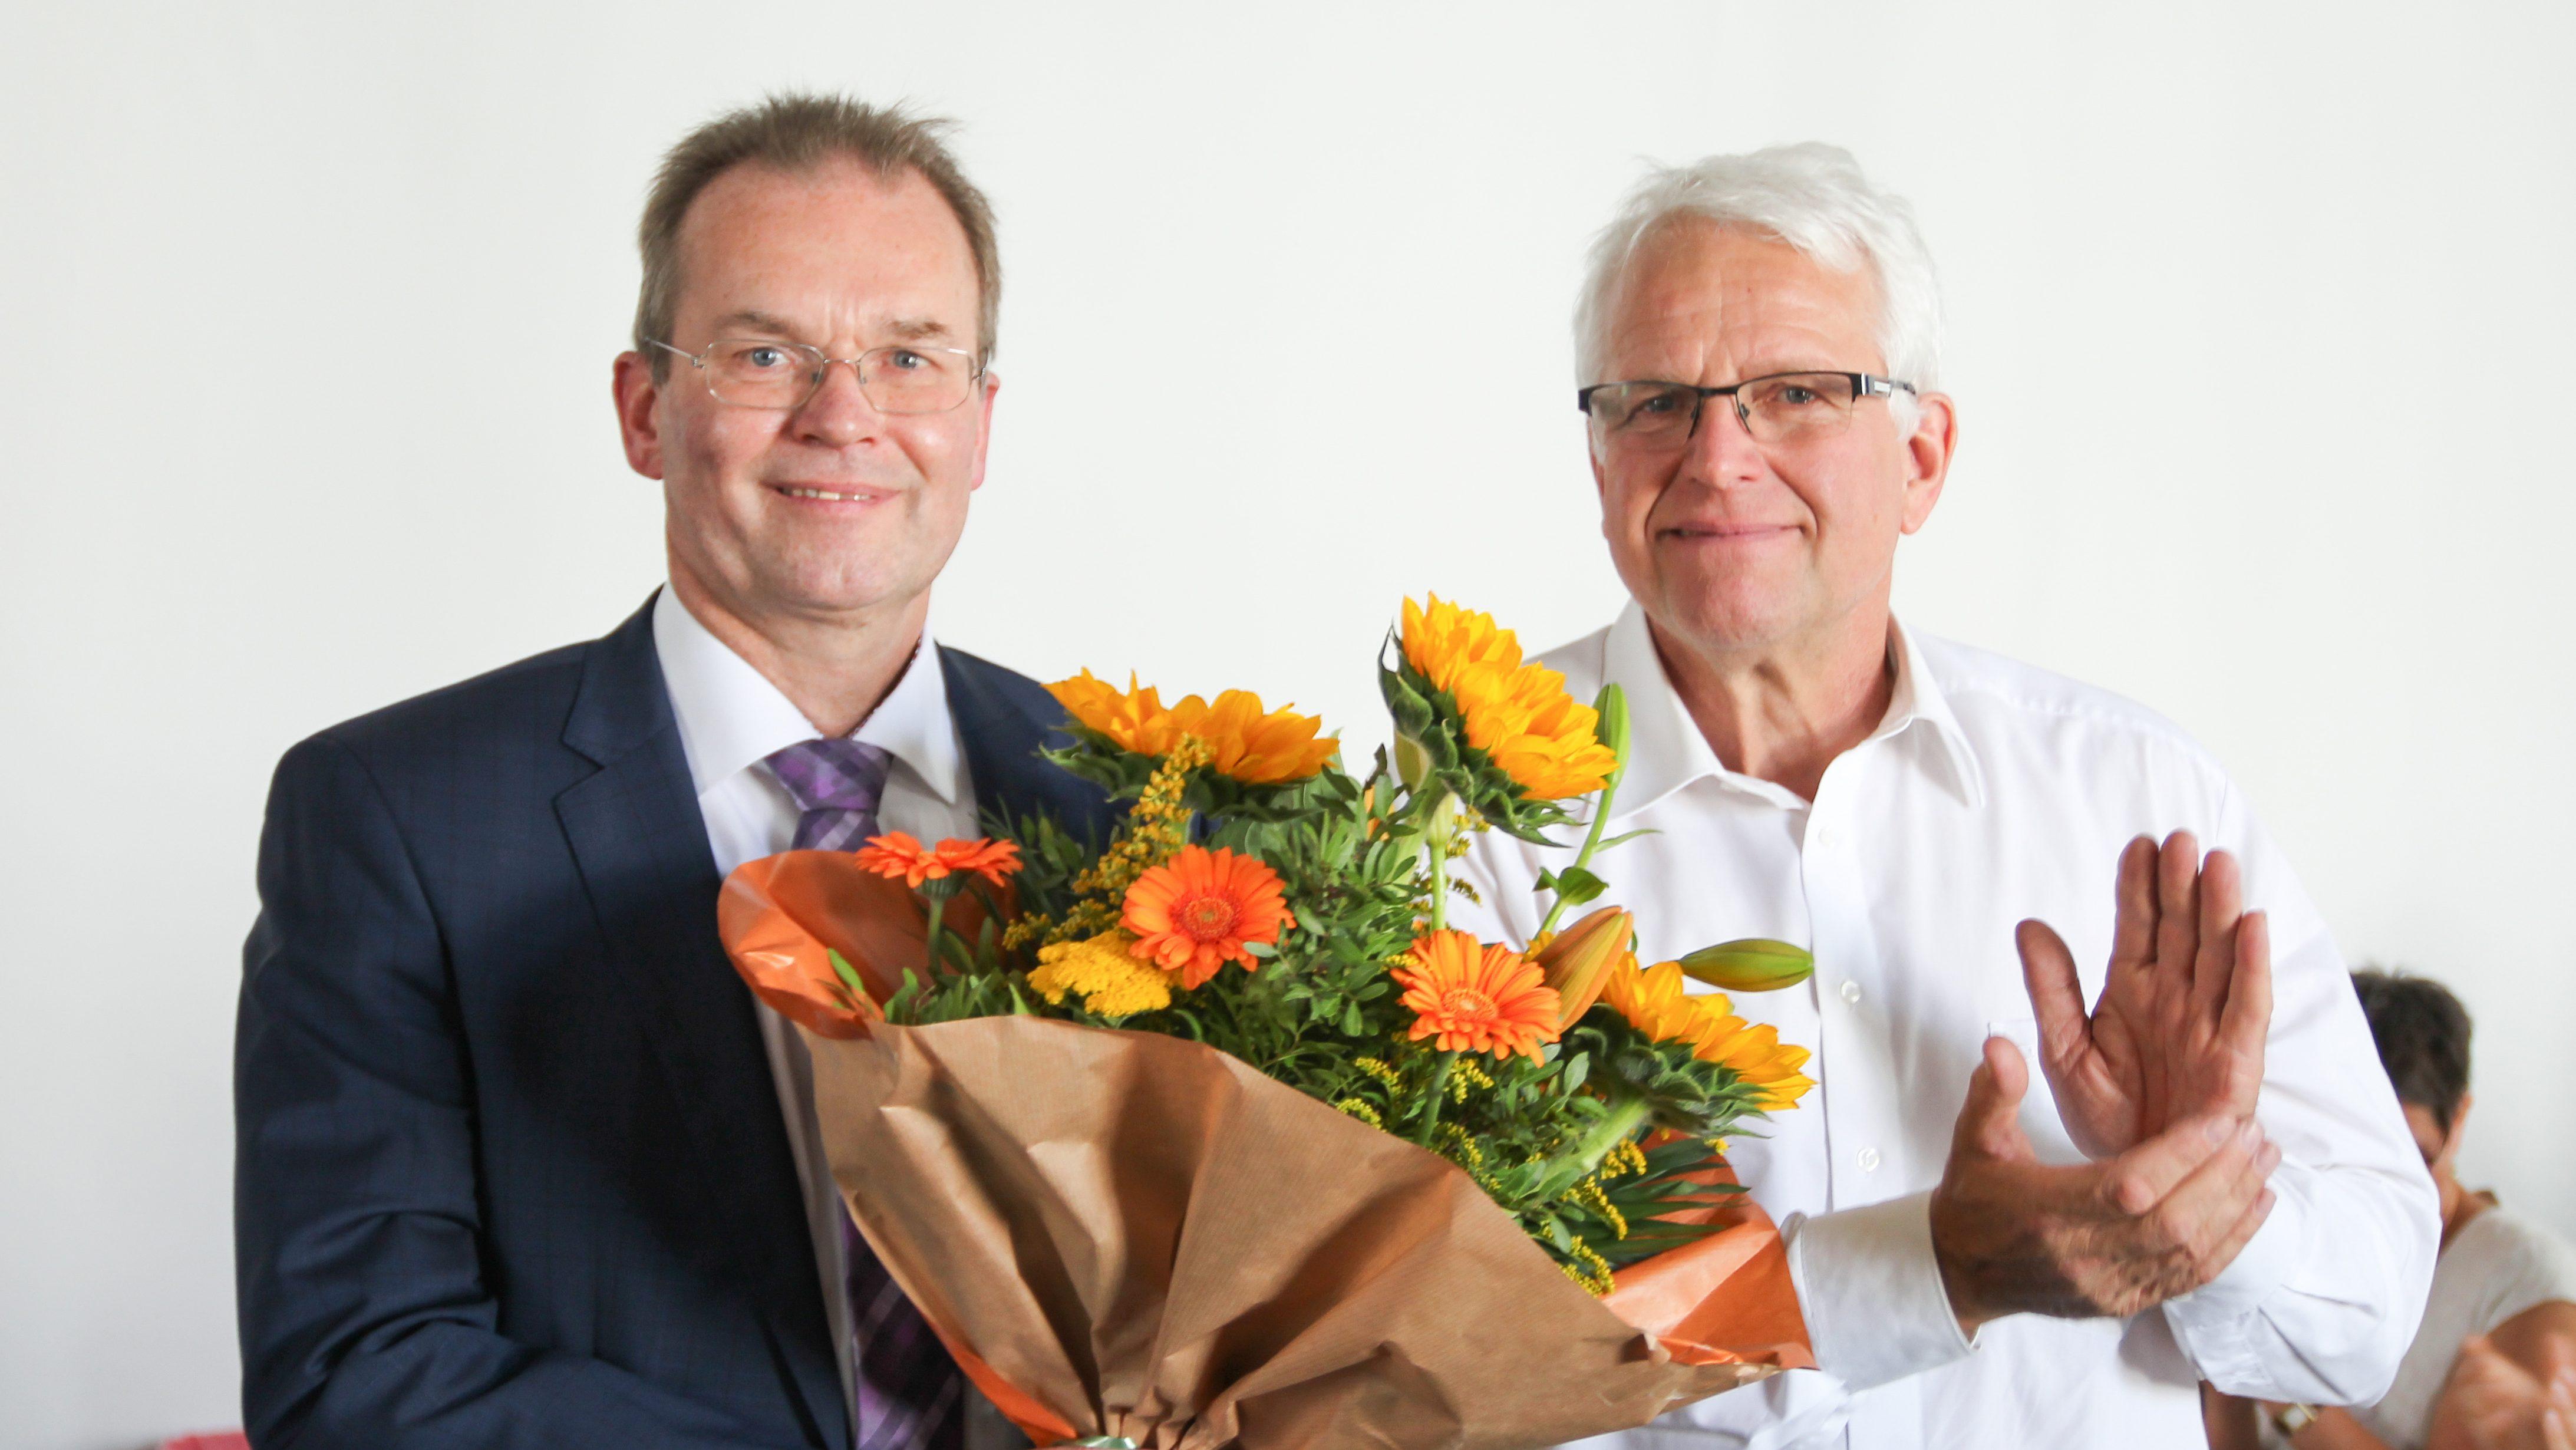 Pfarrer Dr. Bernhard Seiger wird neuer Stadtsuperintendent im Evangelischen Kirchenverband Köln und Region